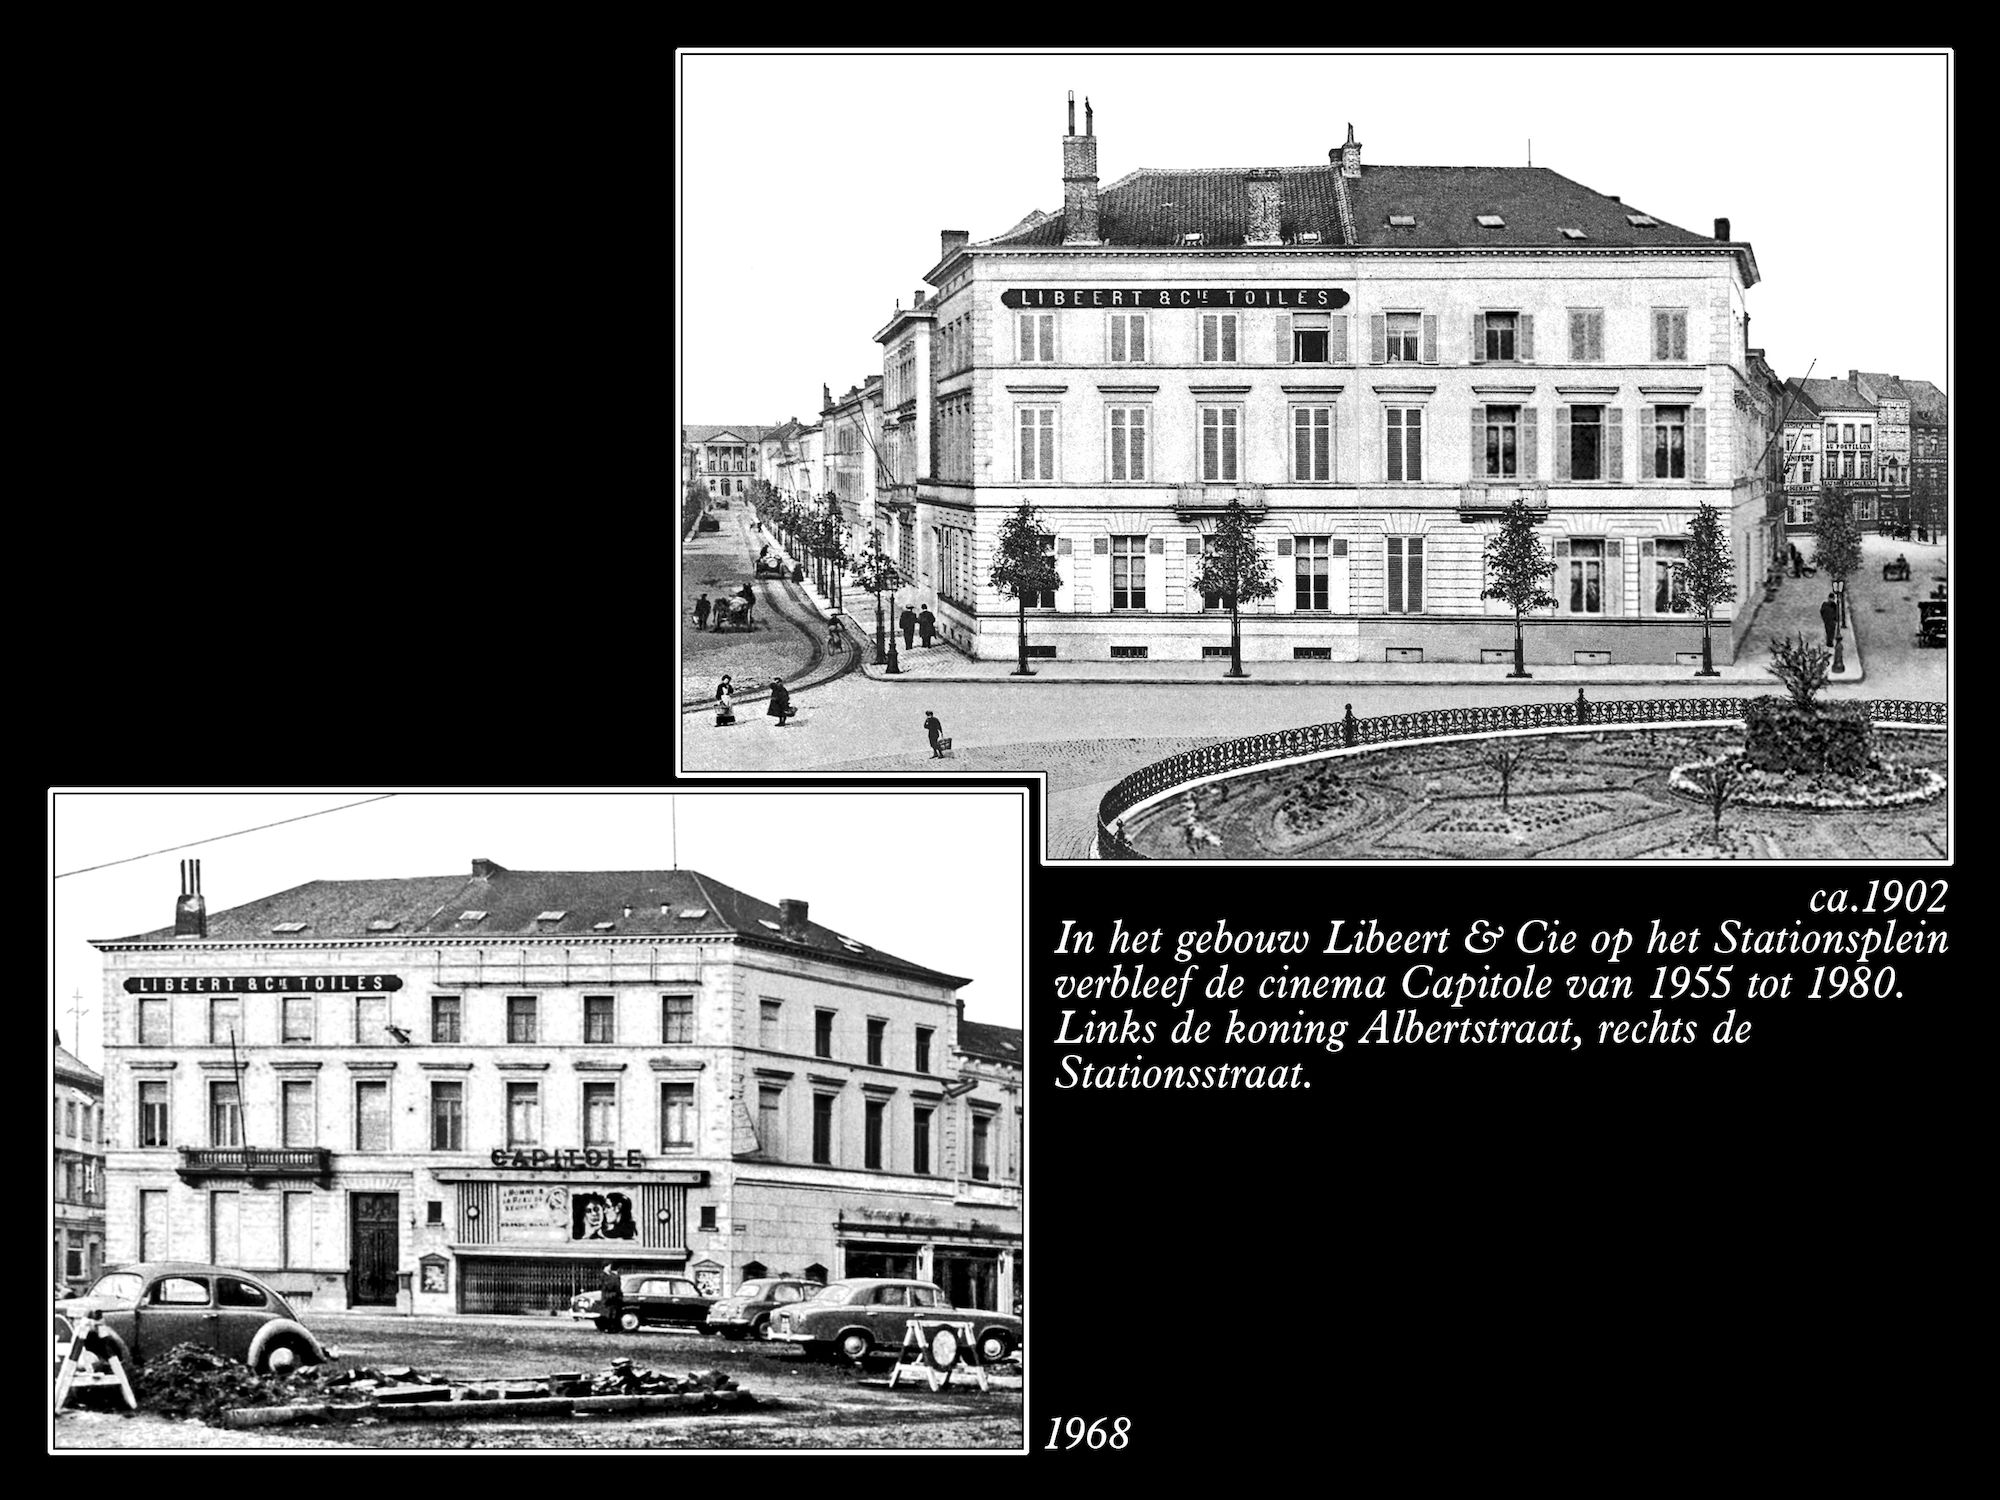 Stationsplein ca 1902 en 1968